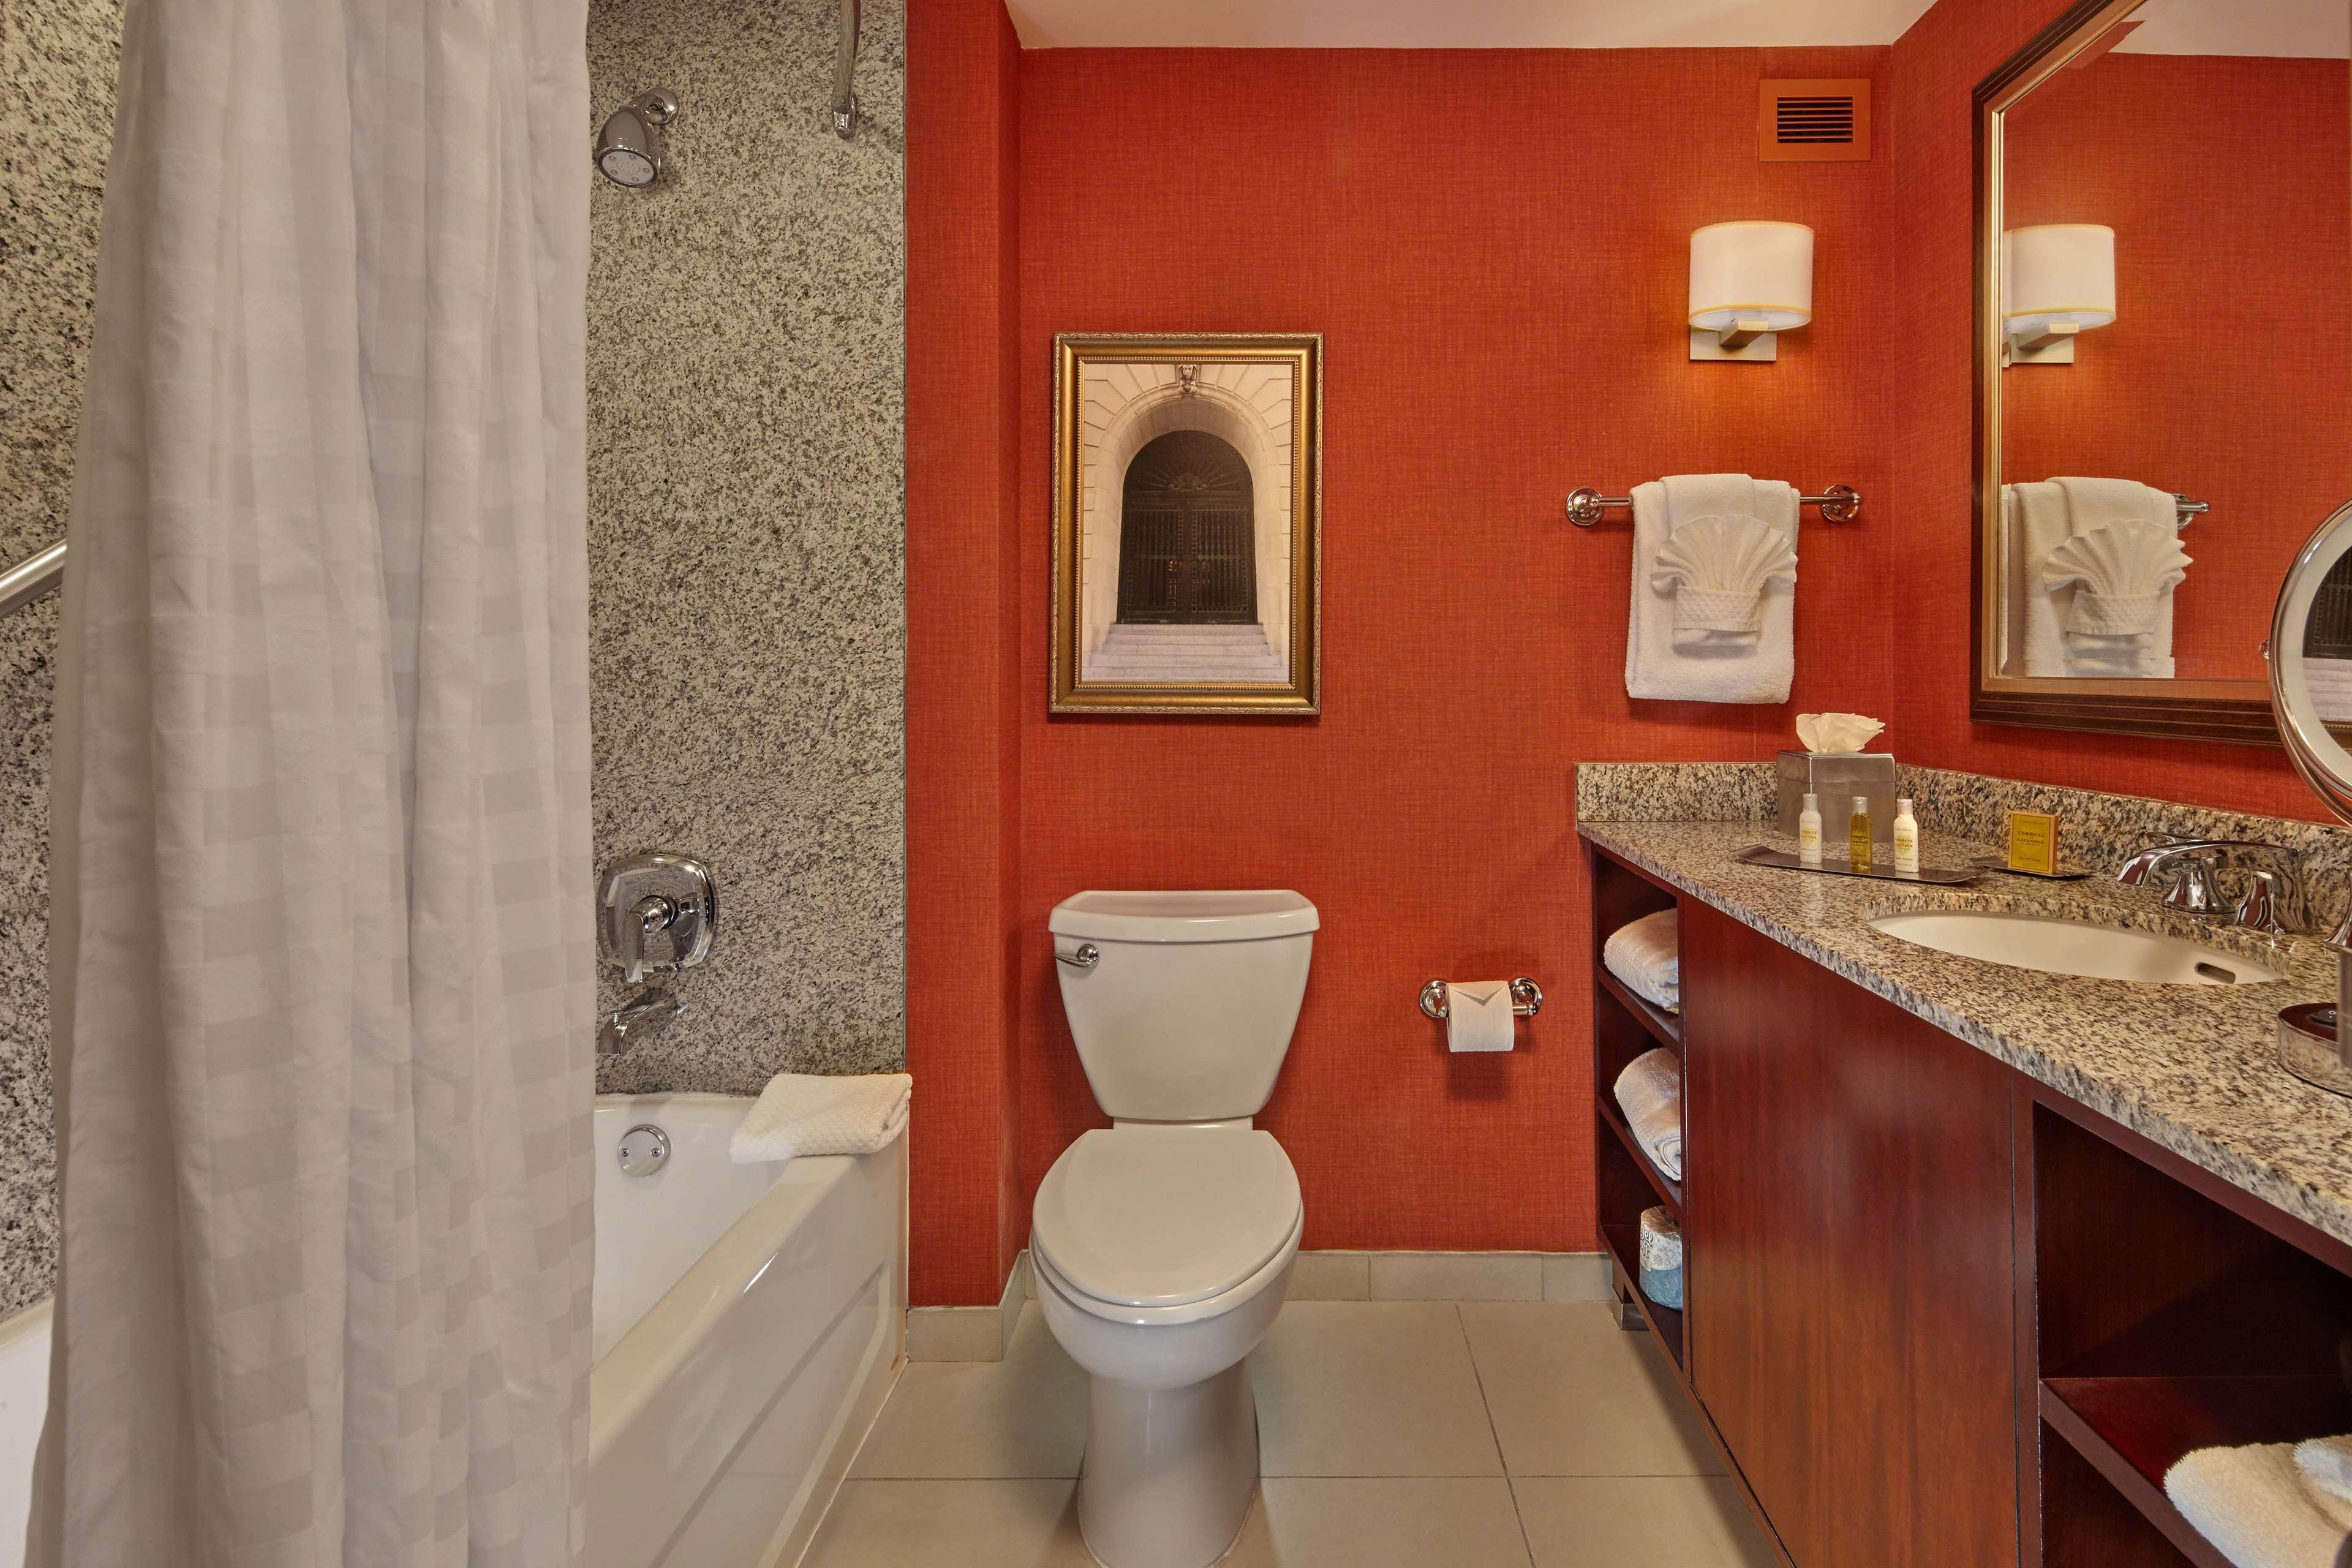 DoubleTree by Hilton Hotel Little Rock image 20